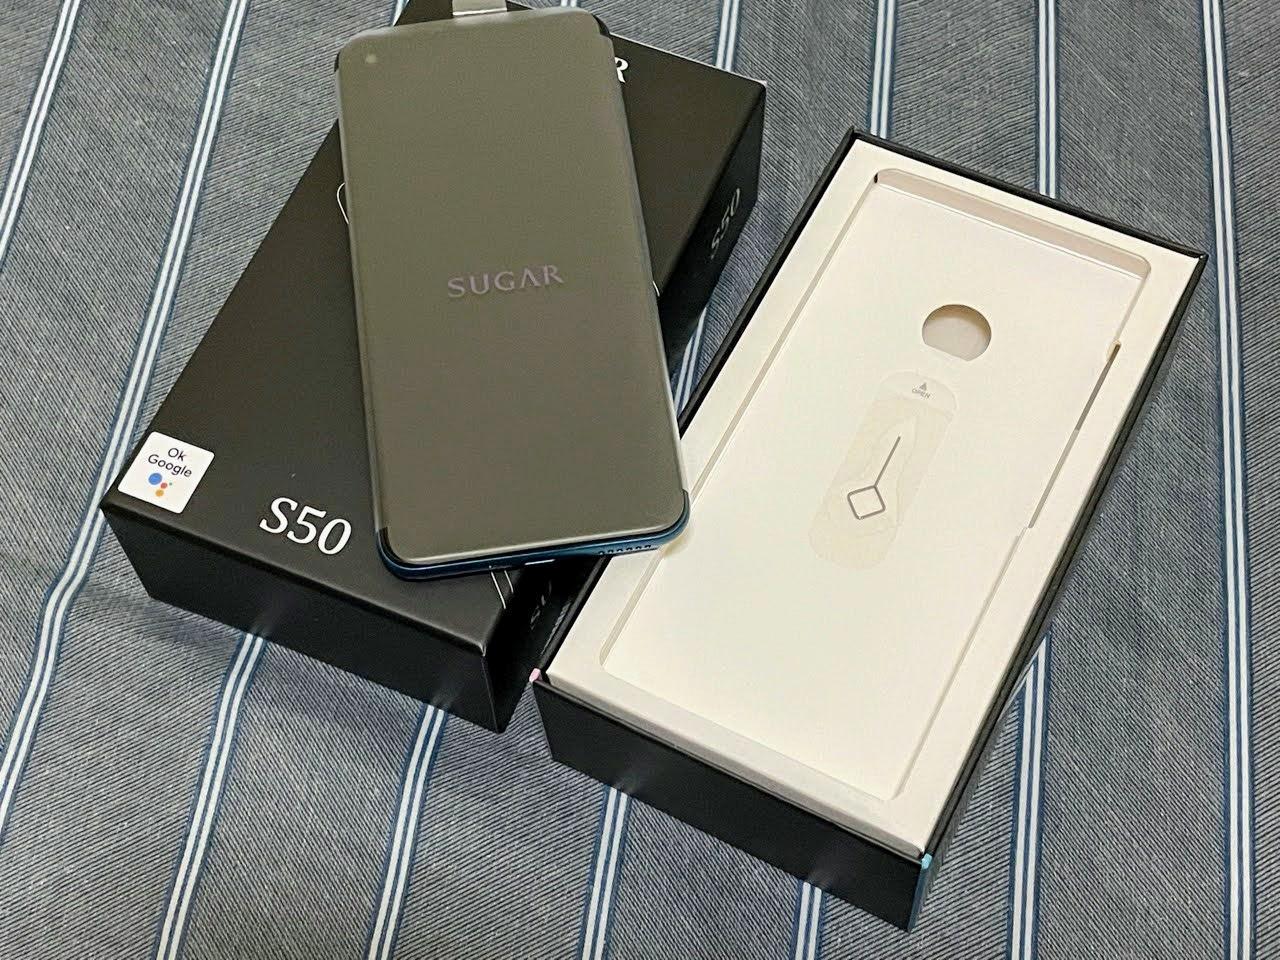 【好物推薦】SUGAR S50|超大6.55吋『挖孔』螢幕|7000元有找平價類旗艦機|2020年安卓手機推薦|食宿旅人蓋瑞哥